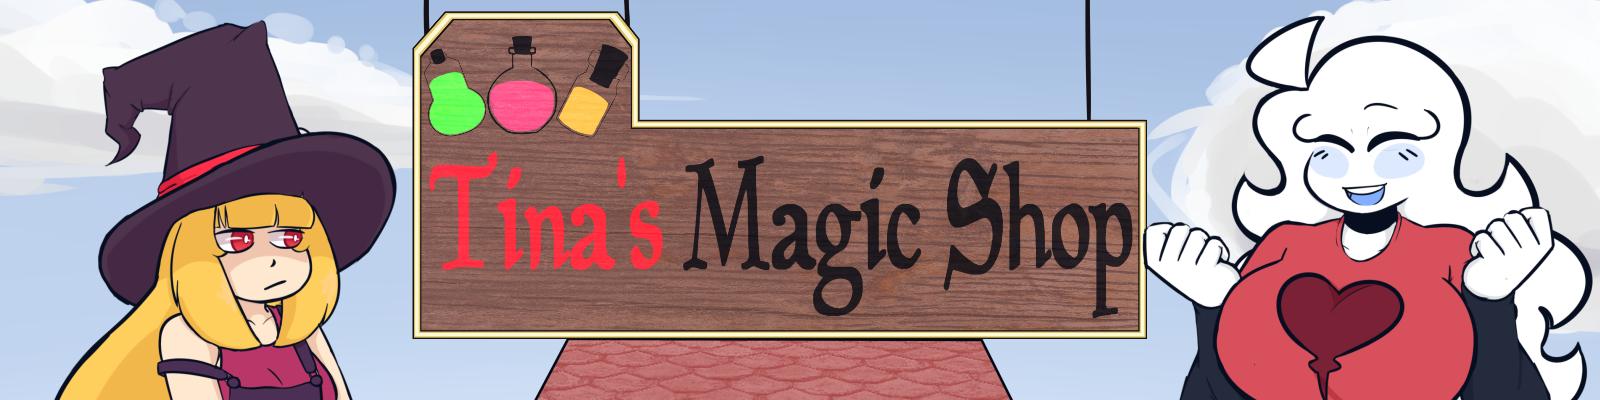 Tina's Magic Shop